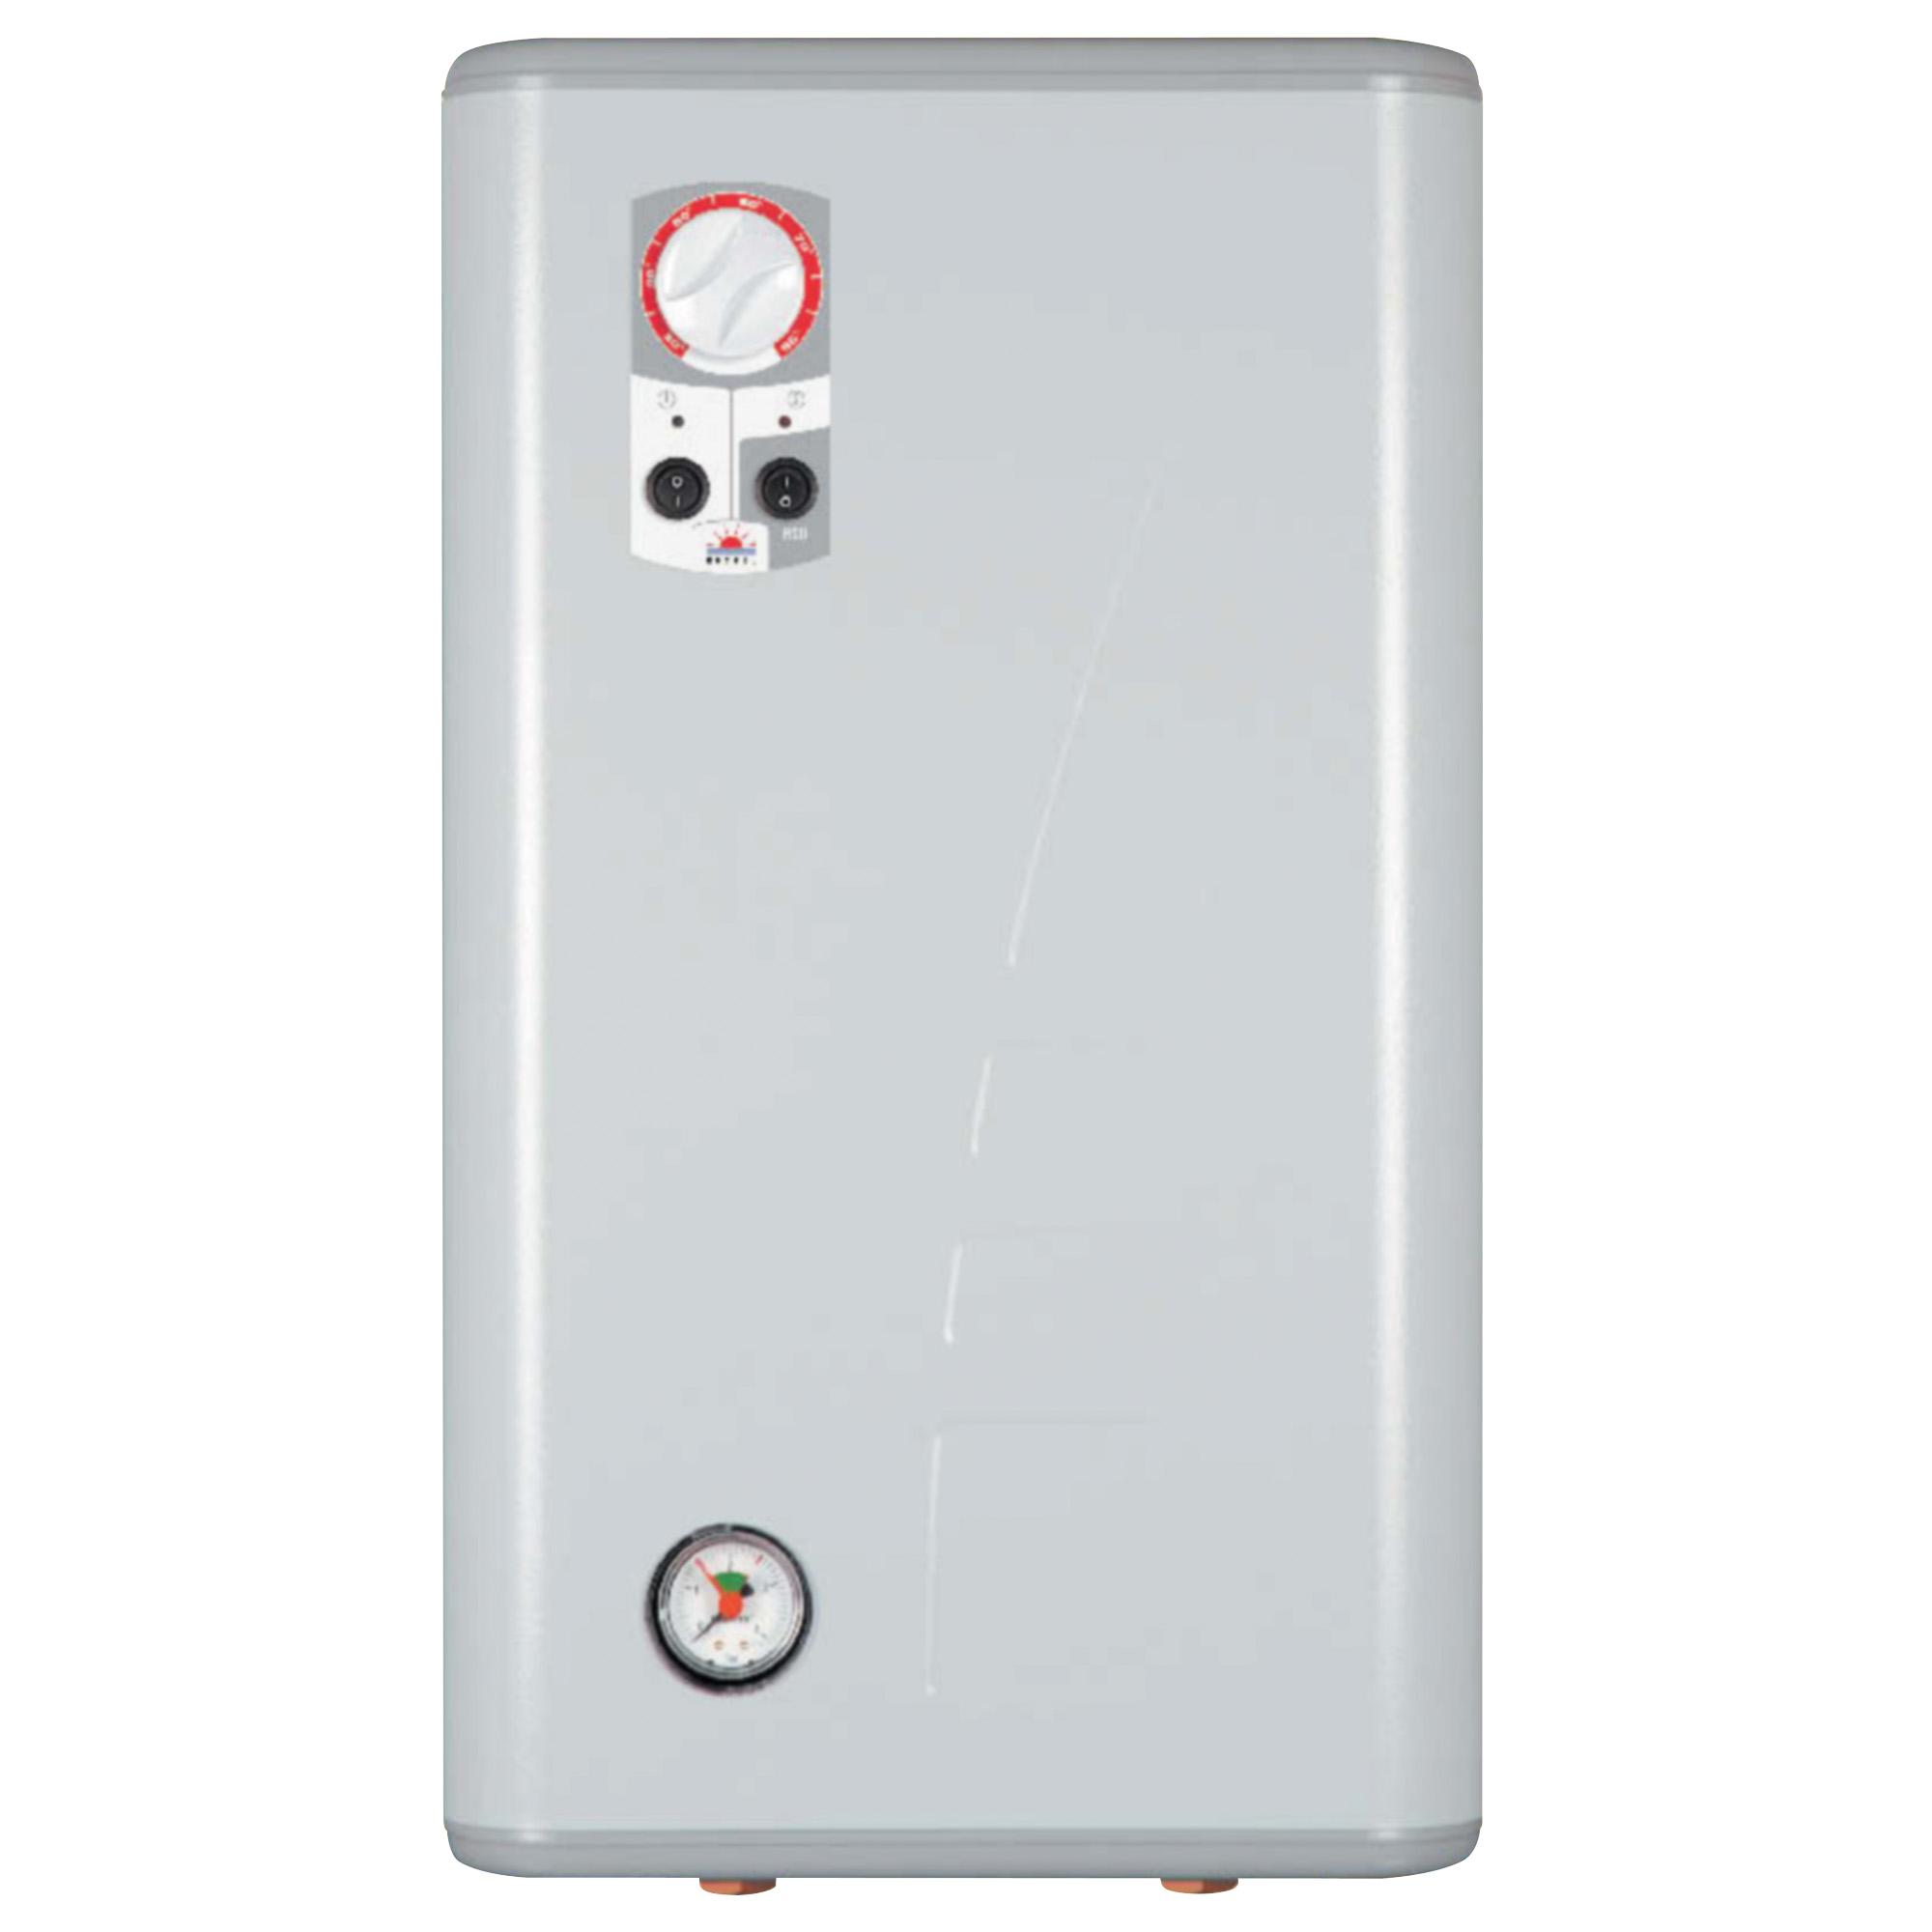 Comparatif chaudiere a condensation devis travaux de renovation lorient ent - Comparatif chaudiere condensation gaz ...